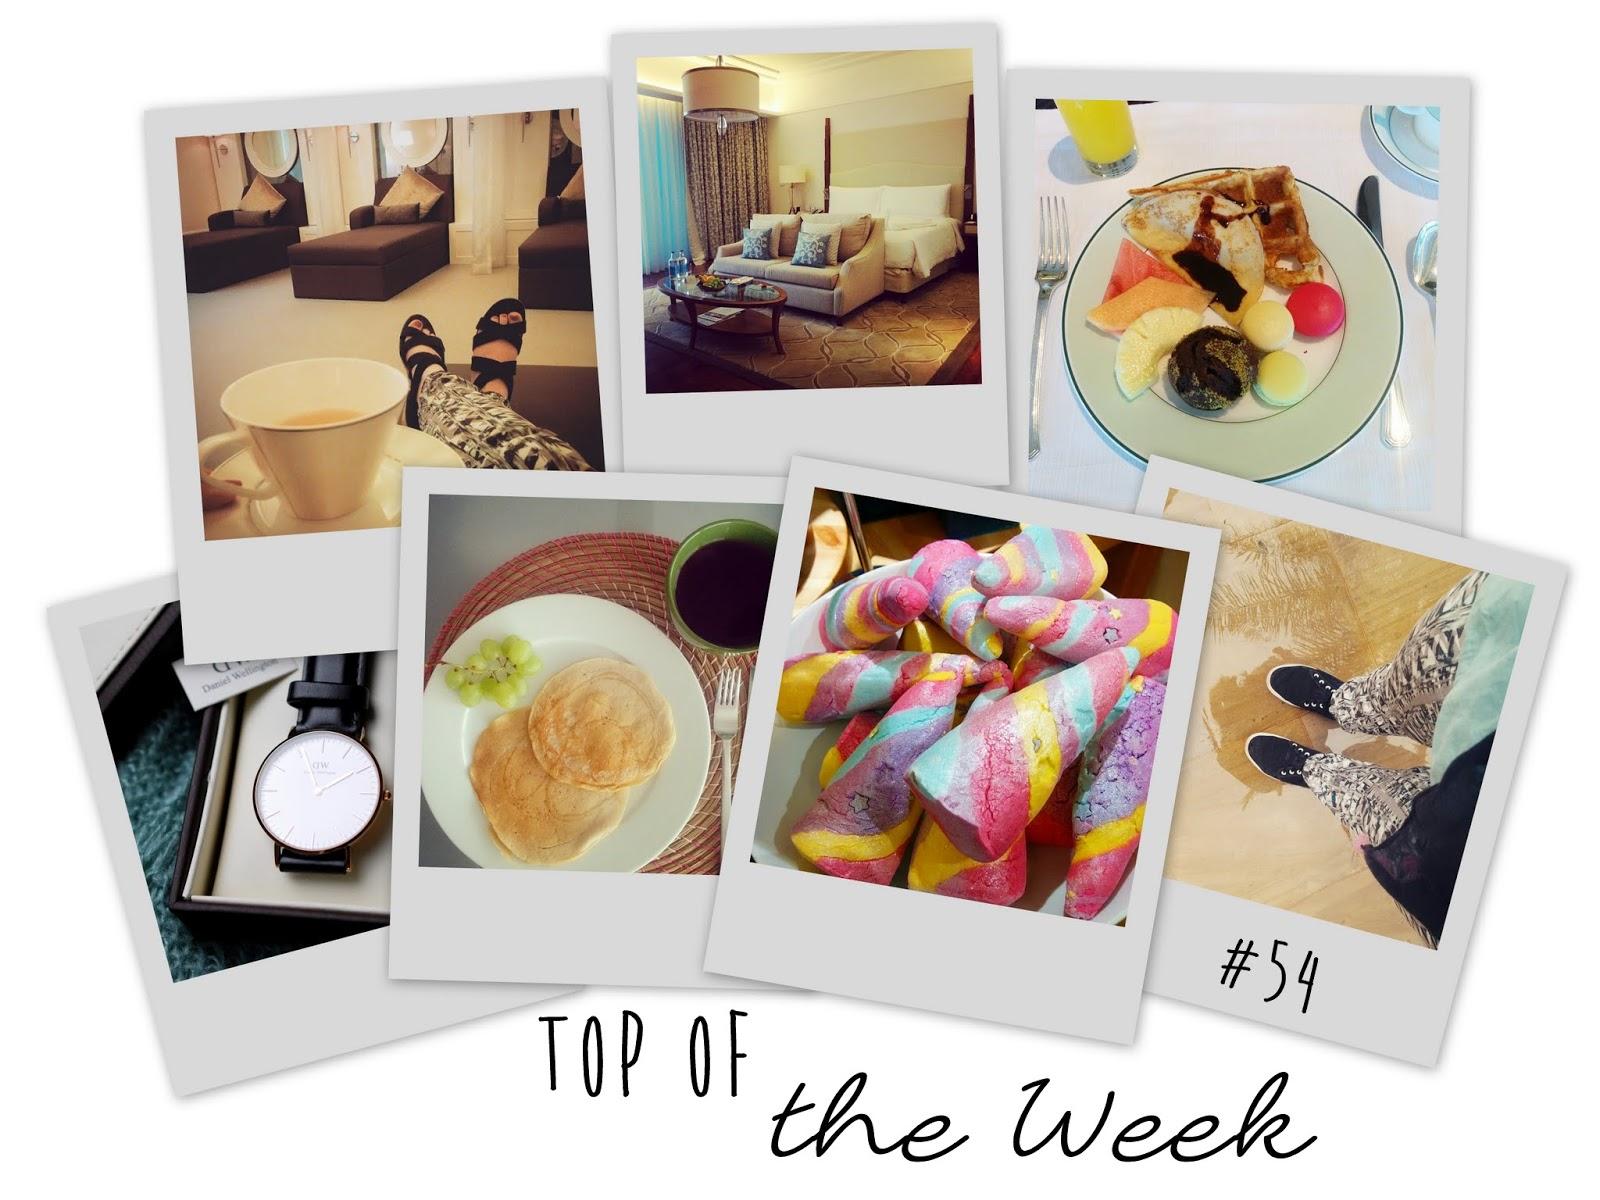 Top-Of-The-Week